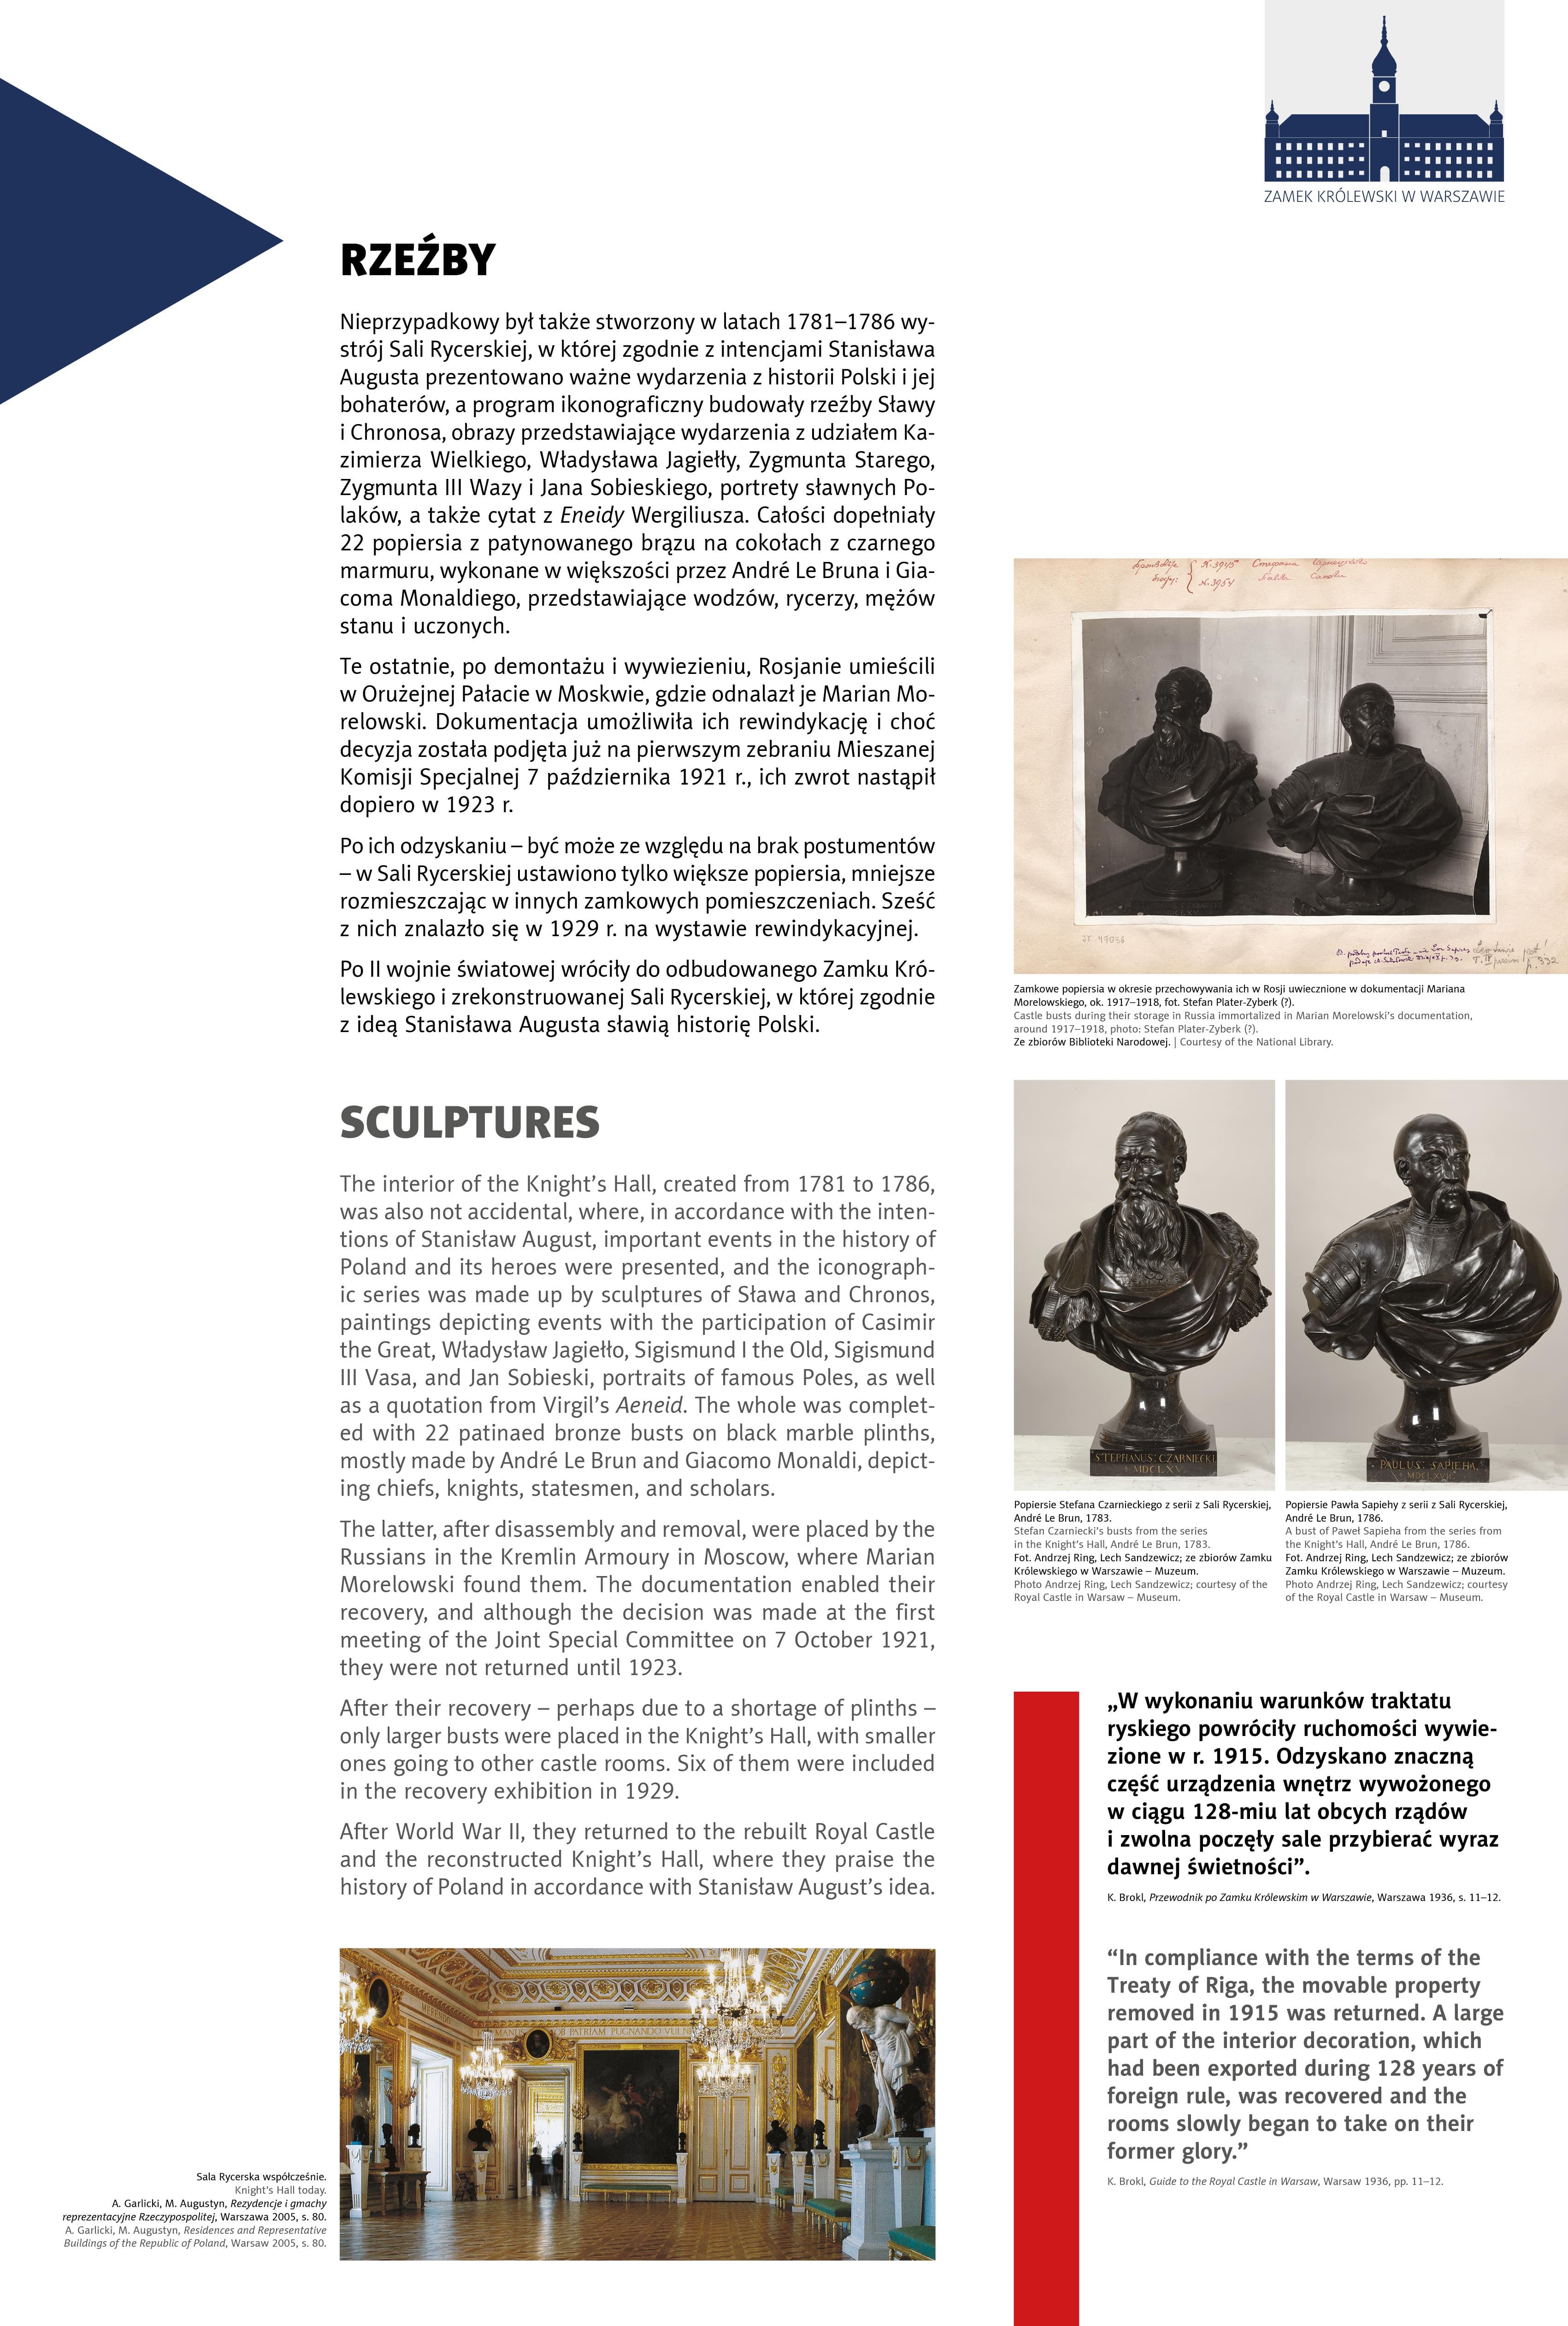 traktat-ryski-wystawa-ostateczna48-min